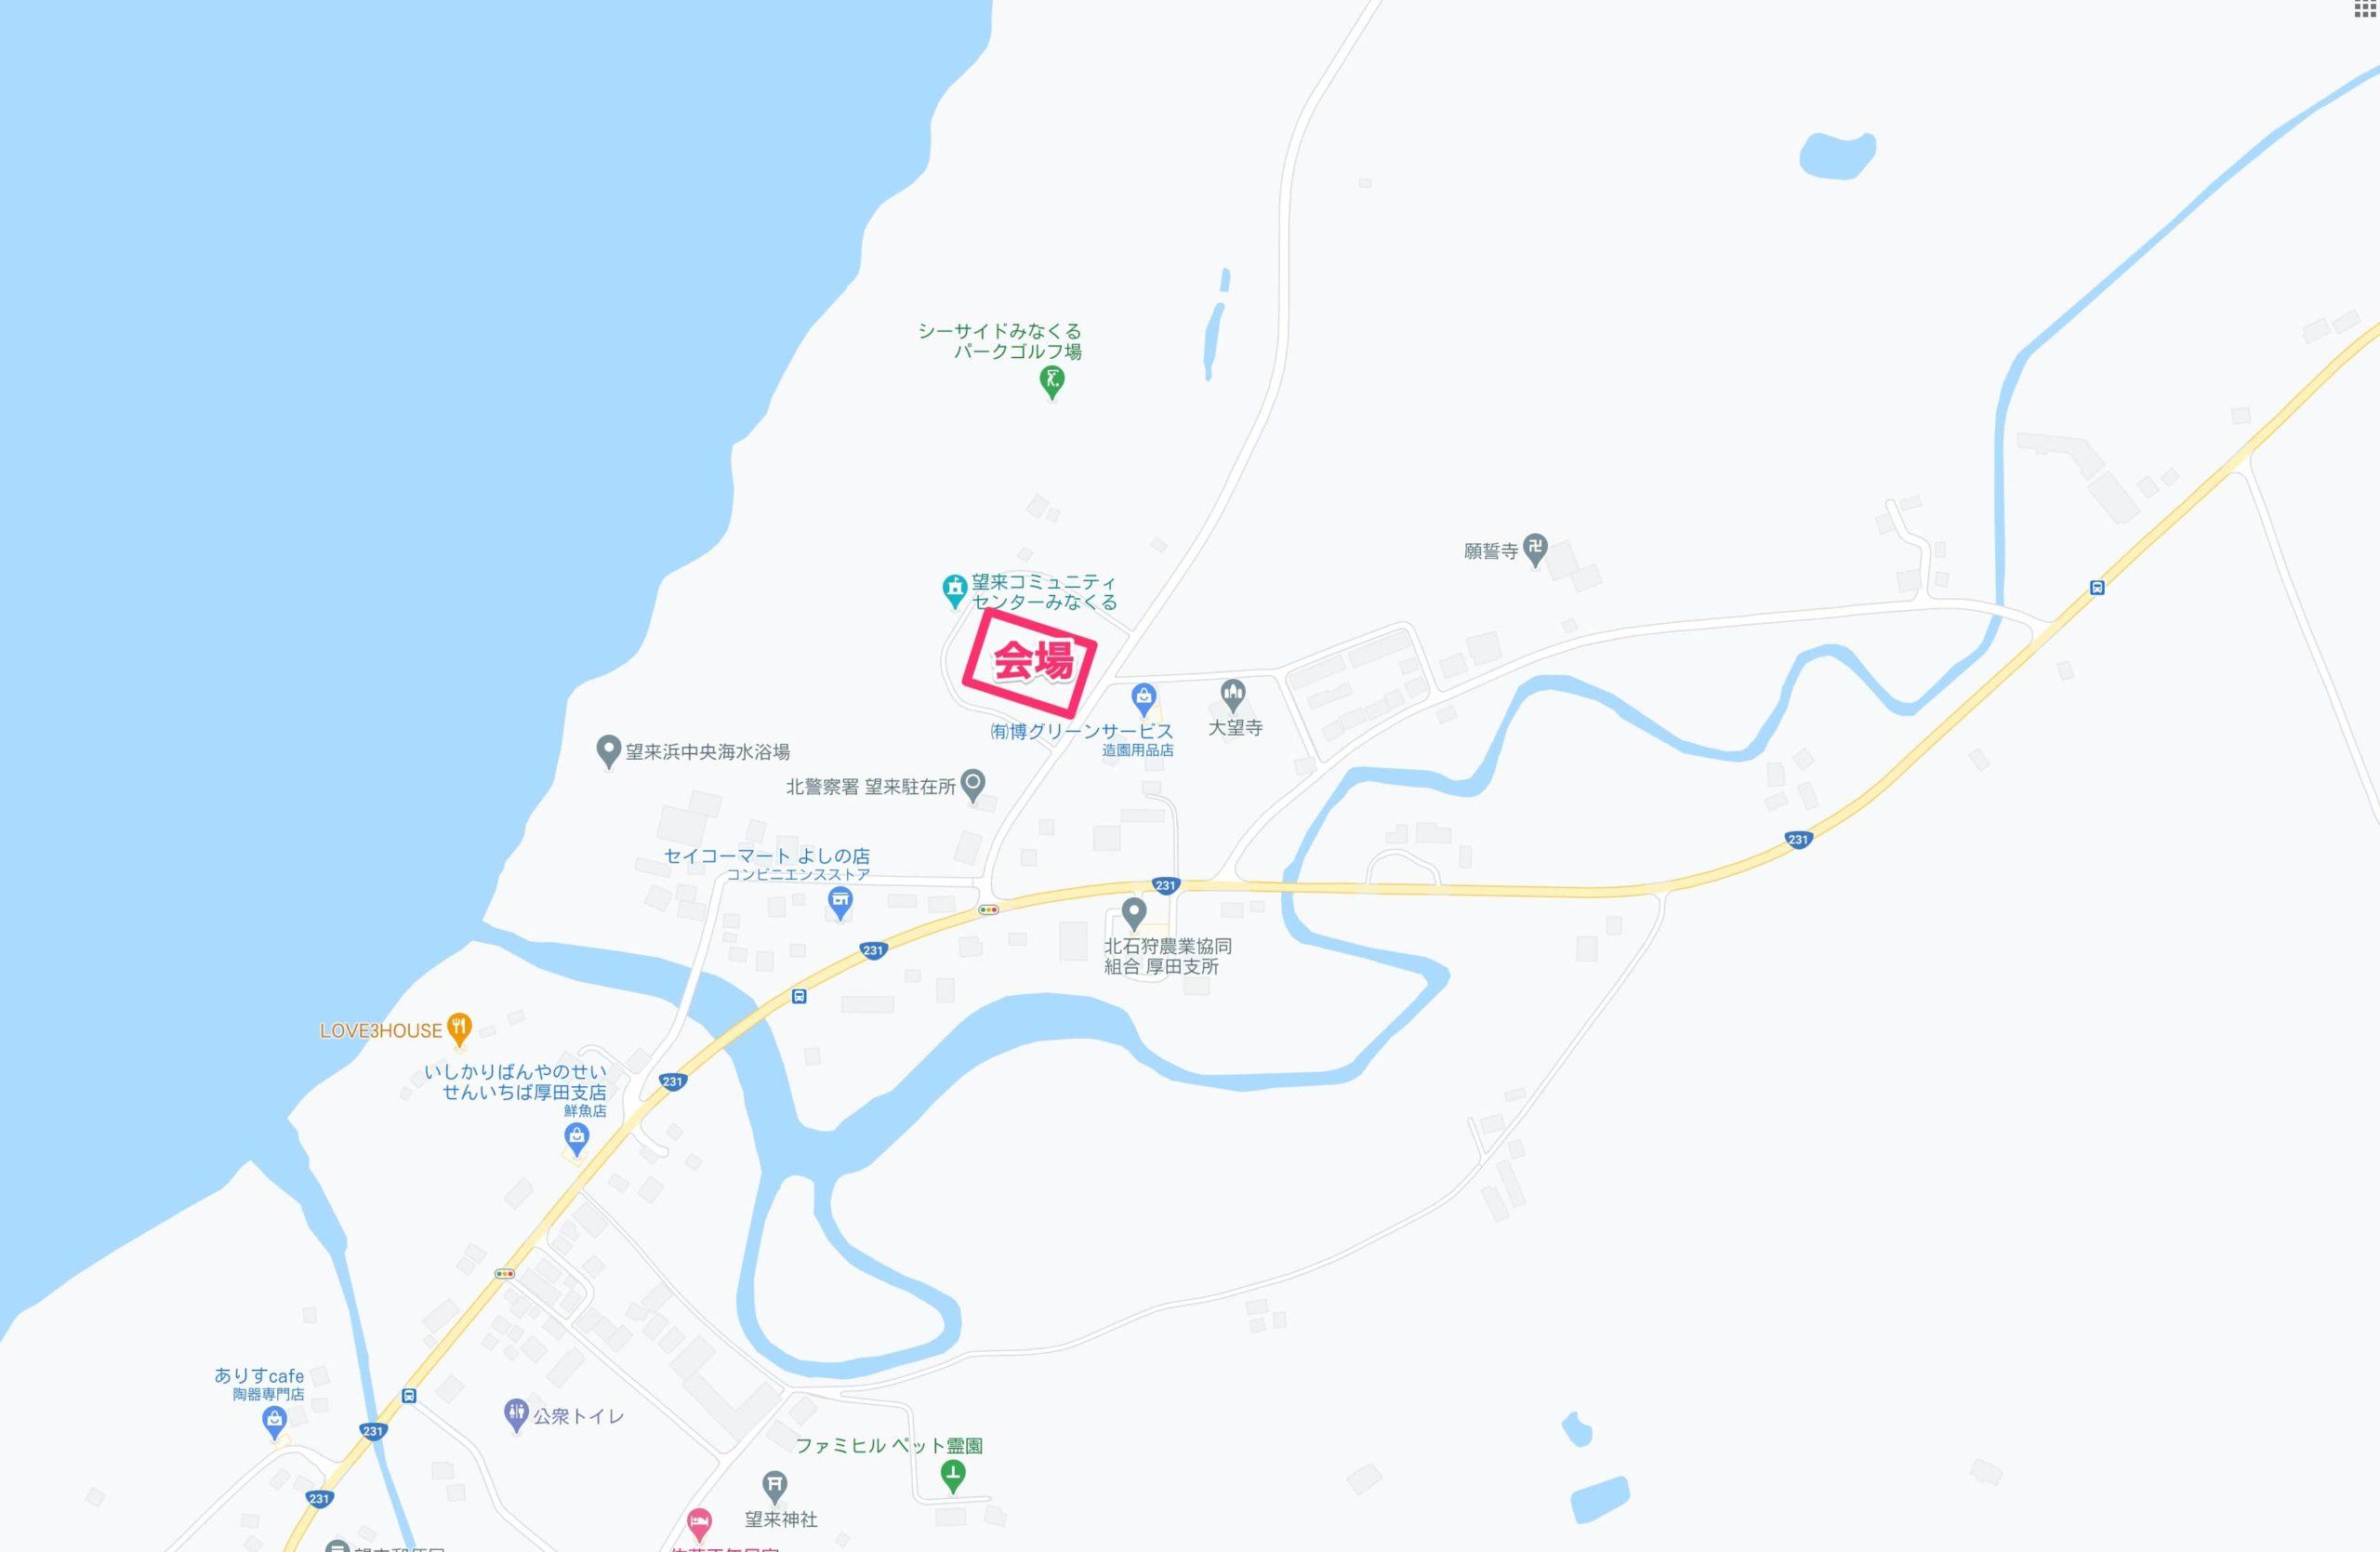 厚田ふるさとあきあじ祭りマップ